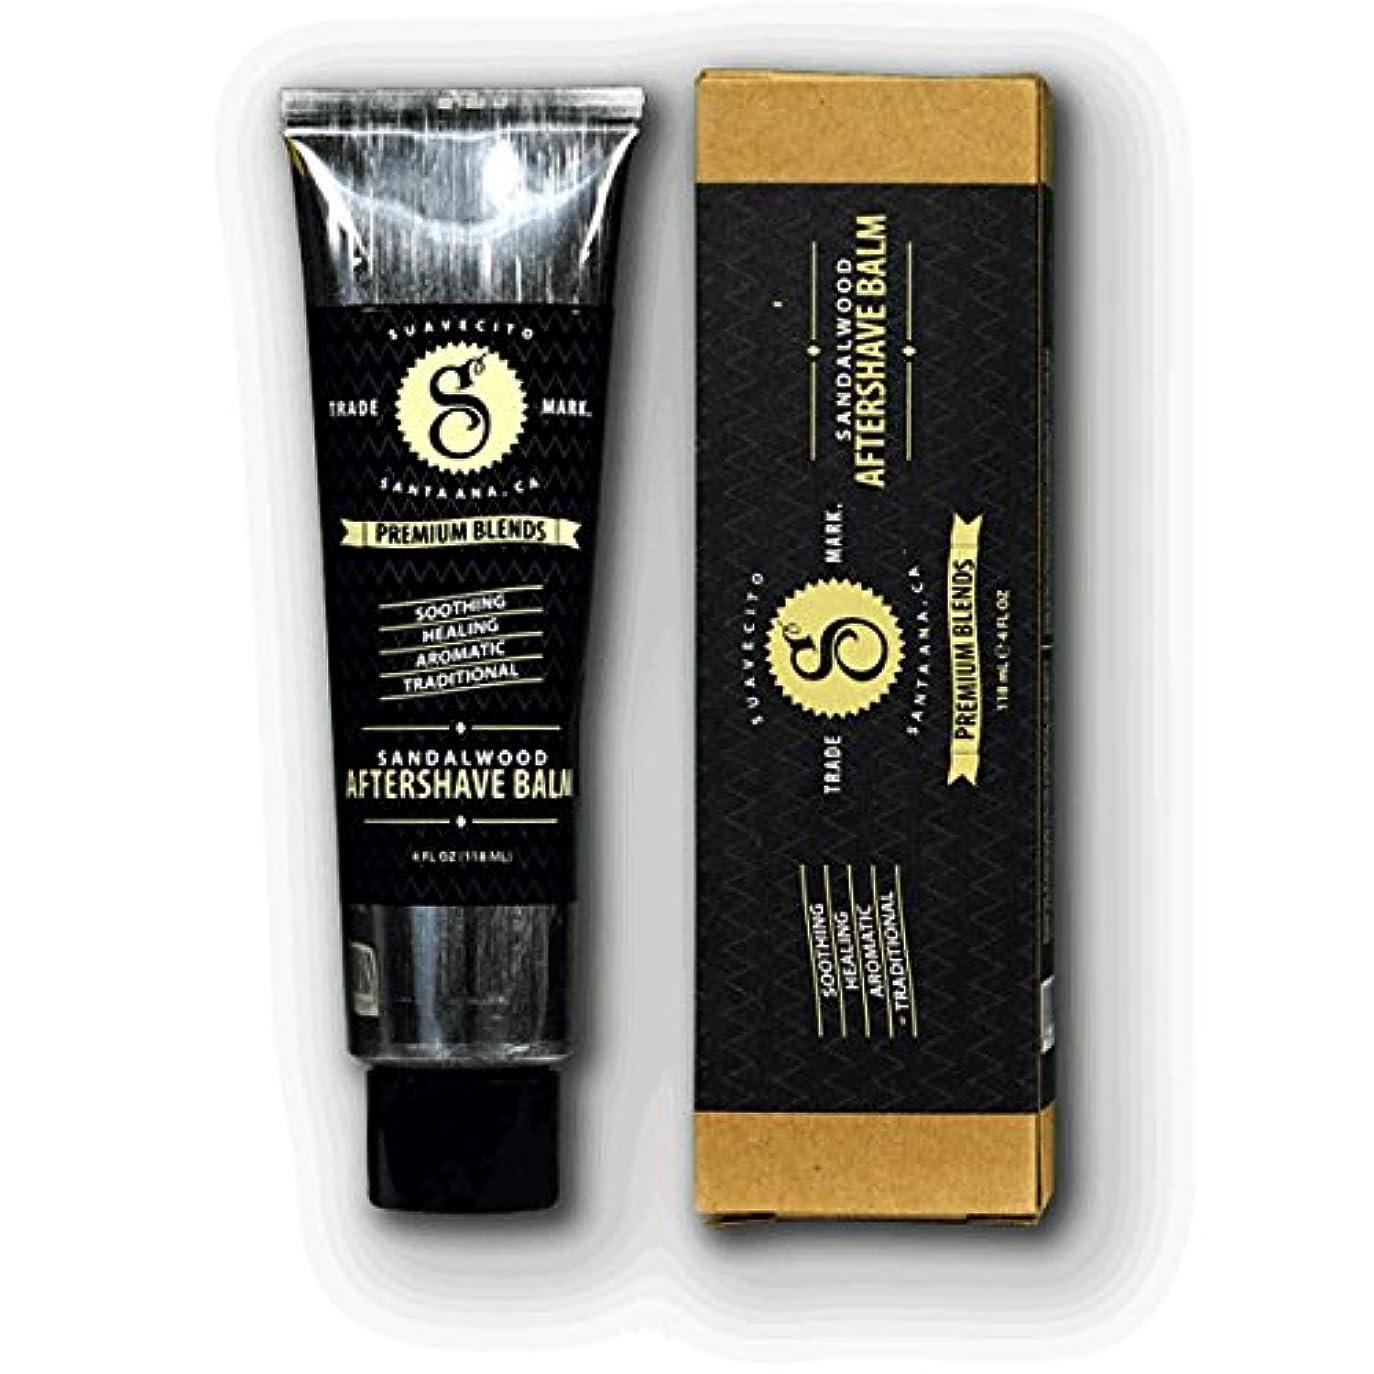 母性冗談で奨学金SUAVECITO スアベシート 【Premium Blends Sandalwood Aftershave Balm 4oz】 シェービングクリーム 4OZ(約110G)